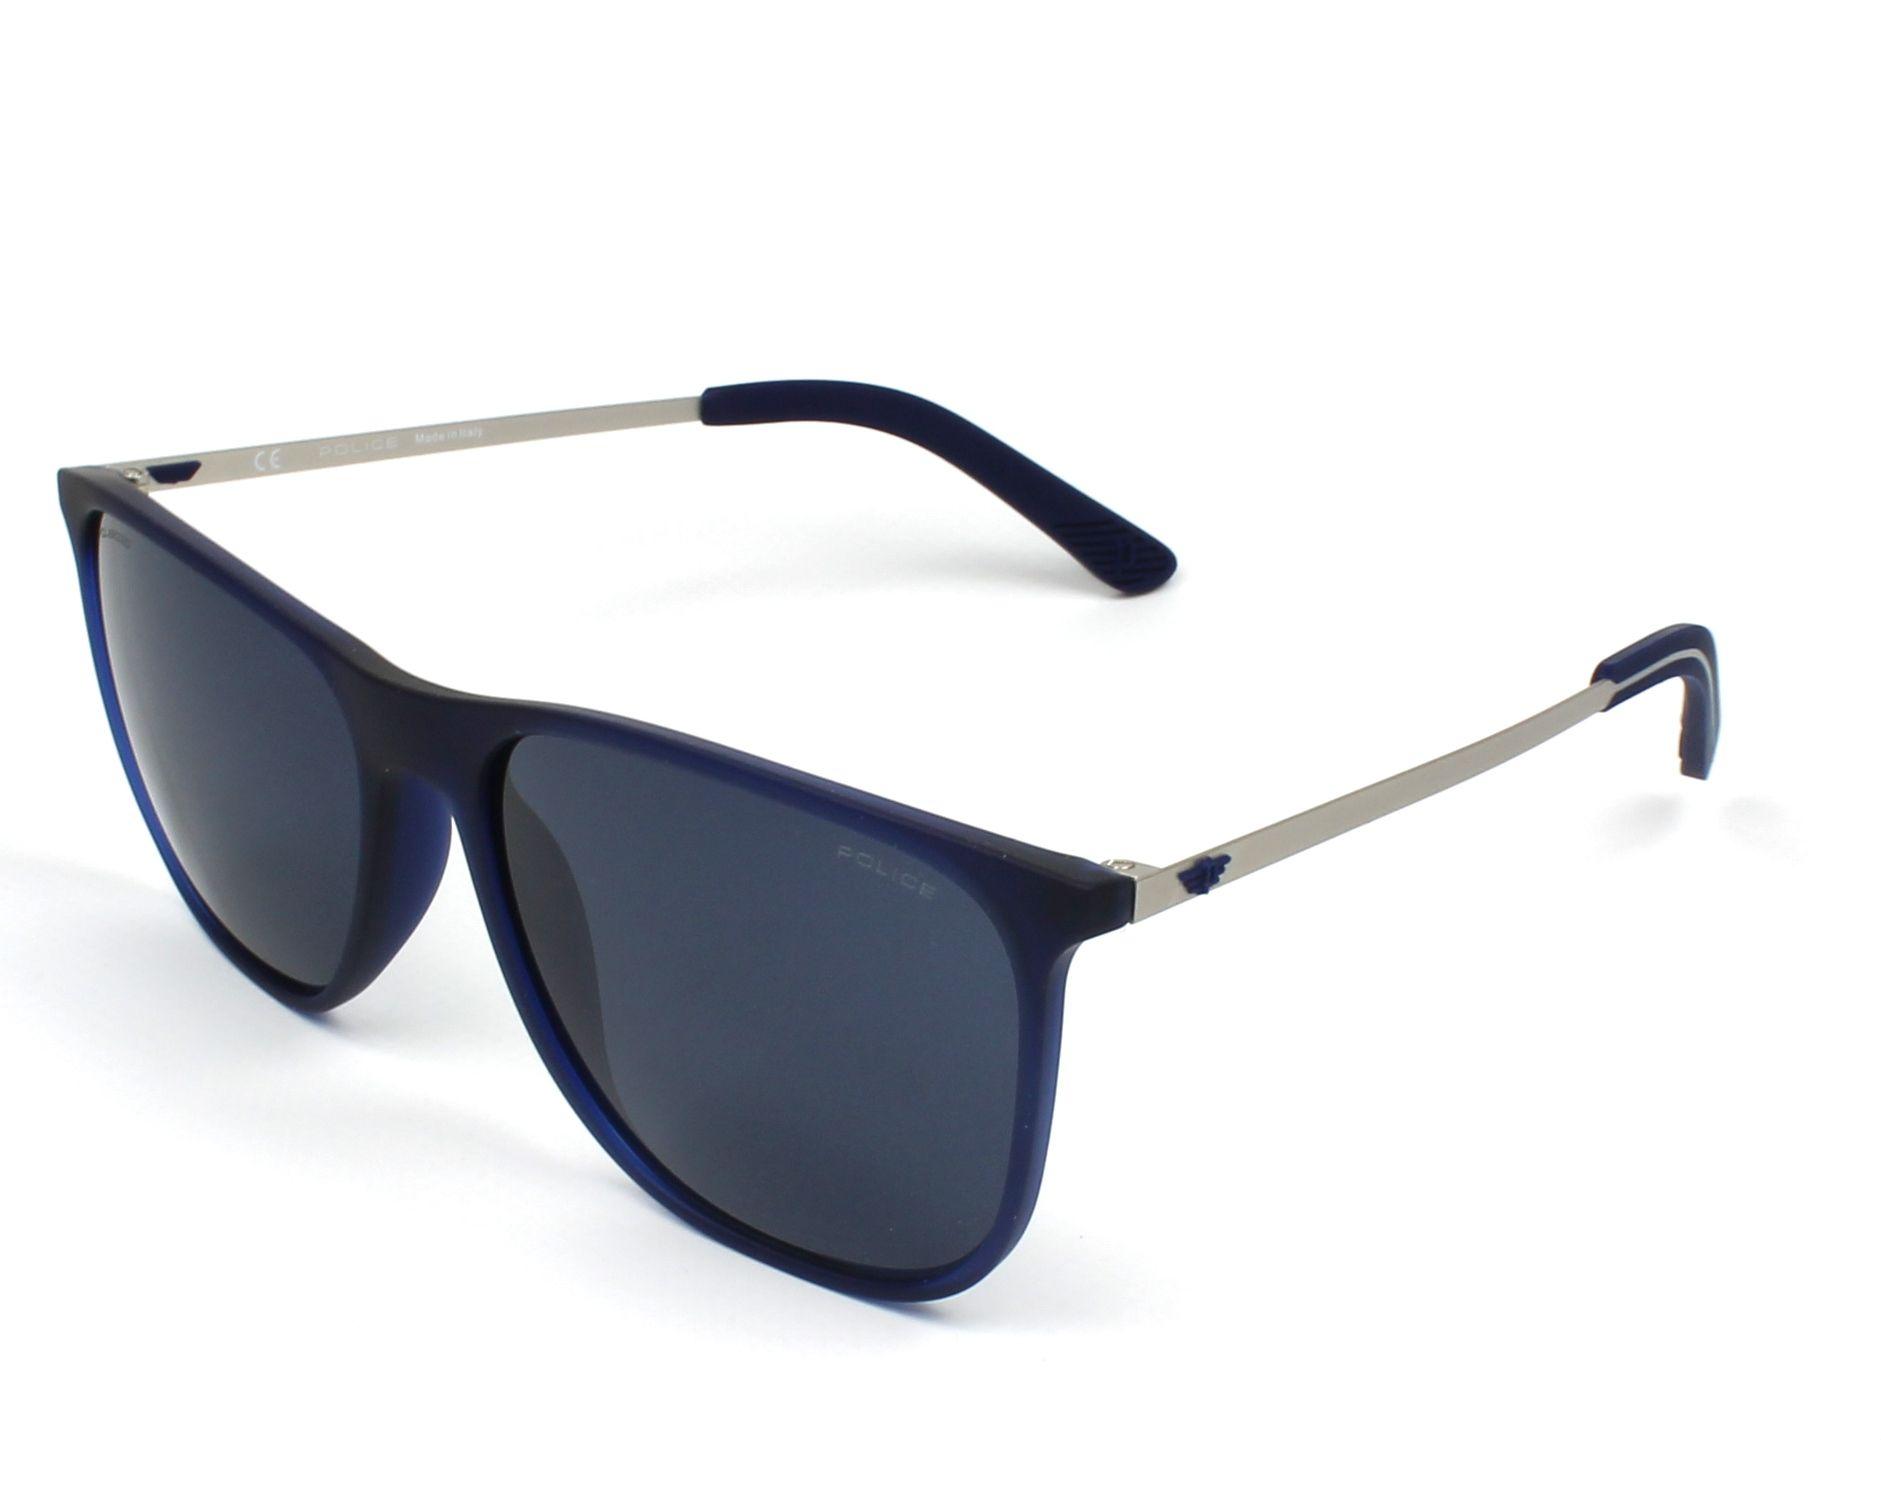 d6a7cc0ee787f6 Lunettes de soleil Police SPL-567 92EP 57-17 Bleu Gunmetal vue de profil